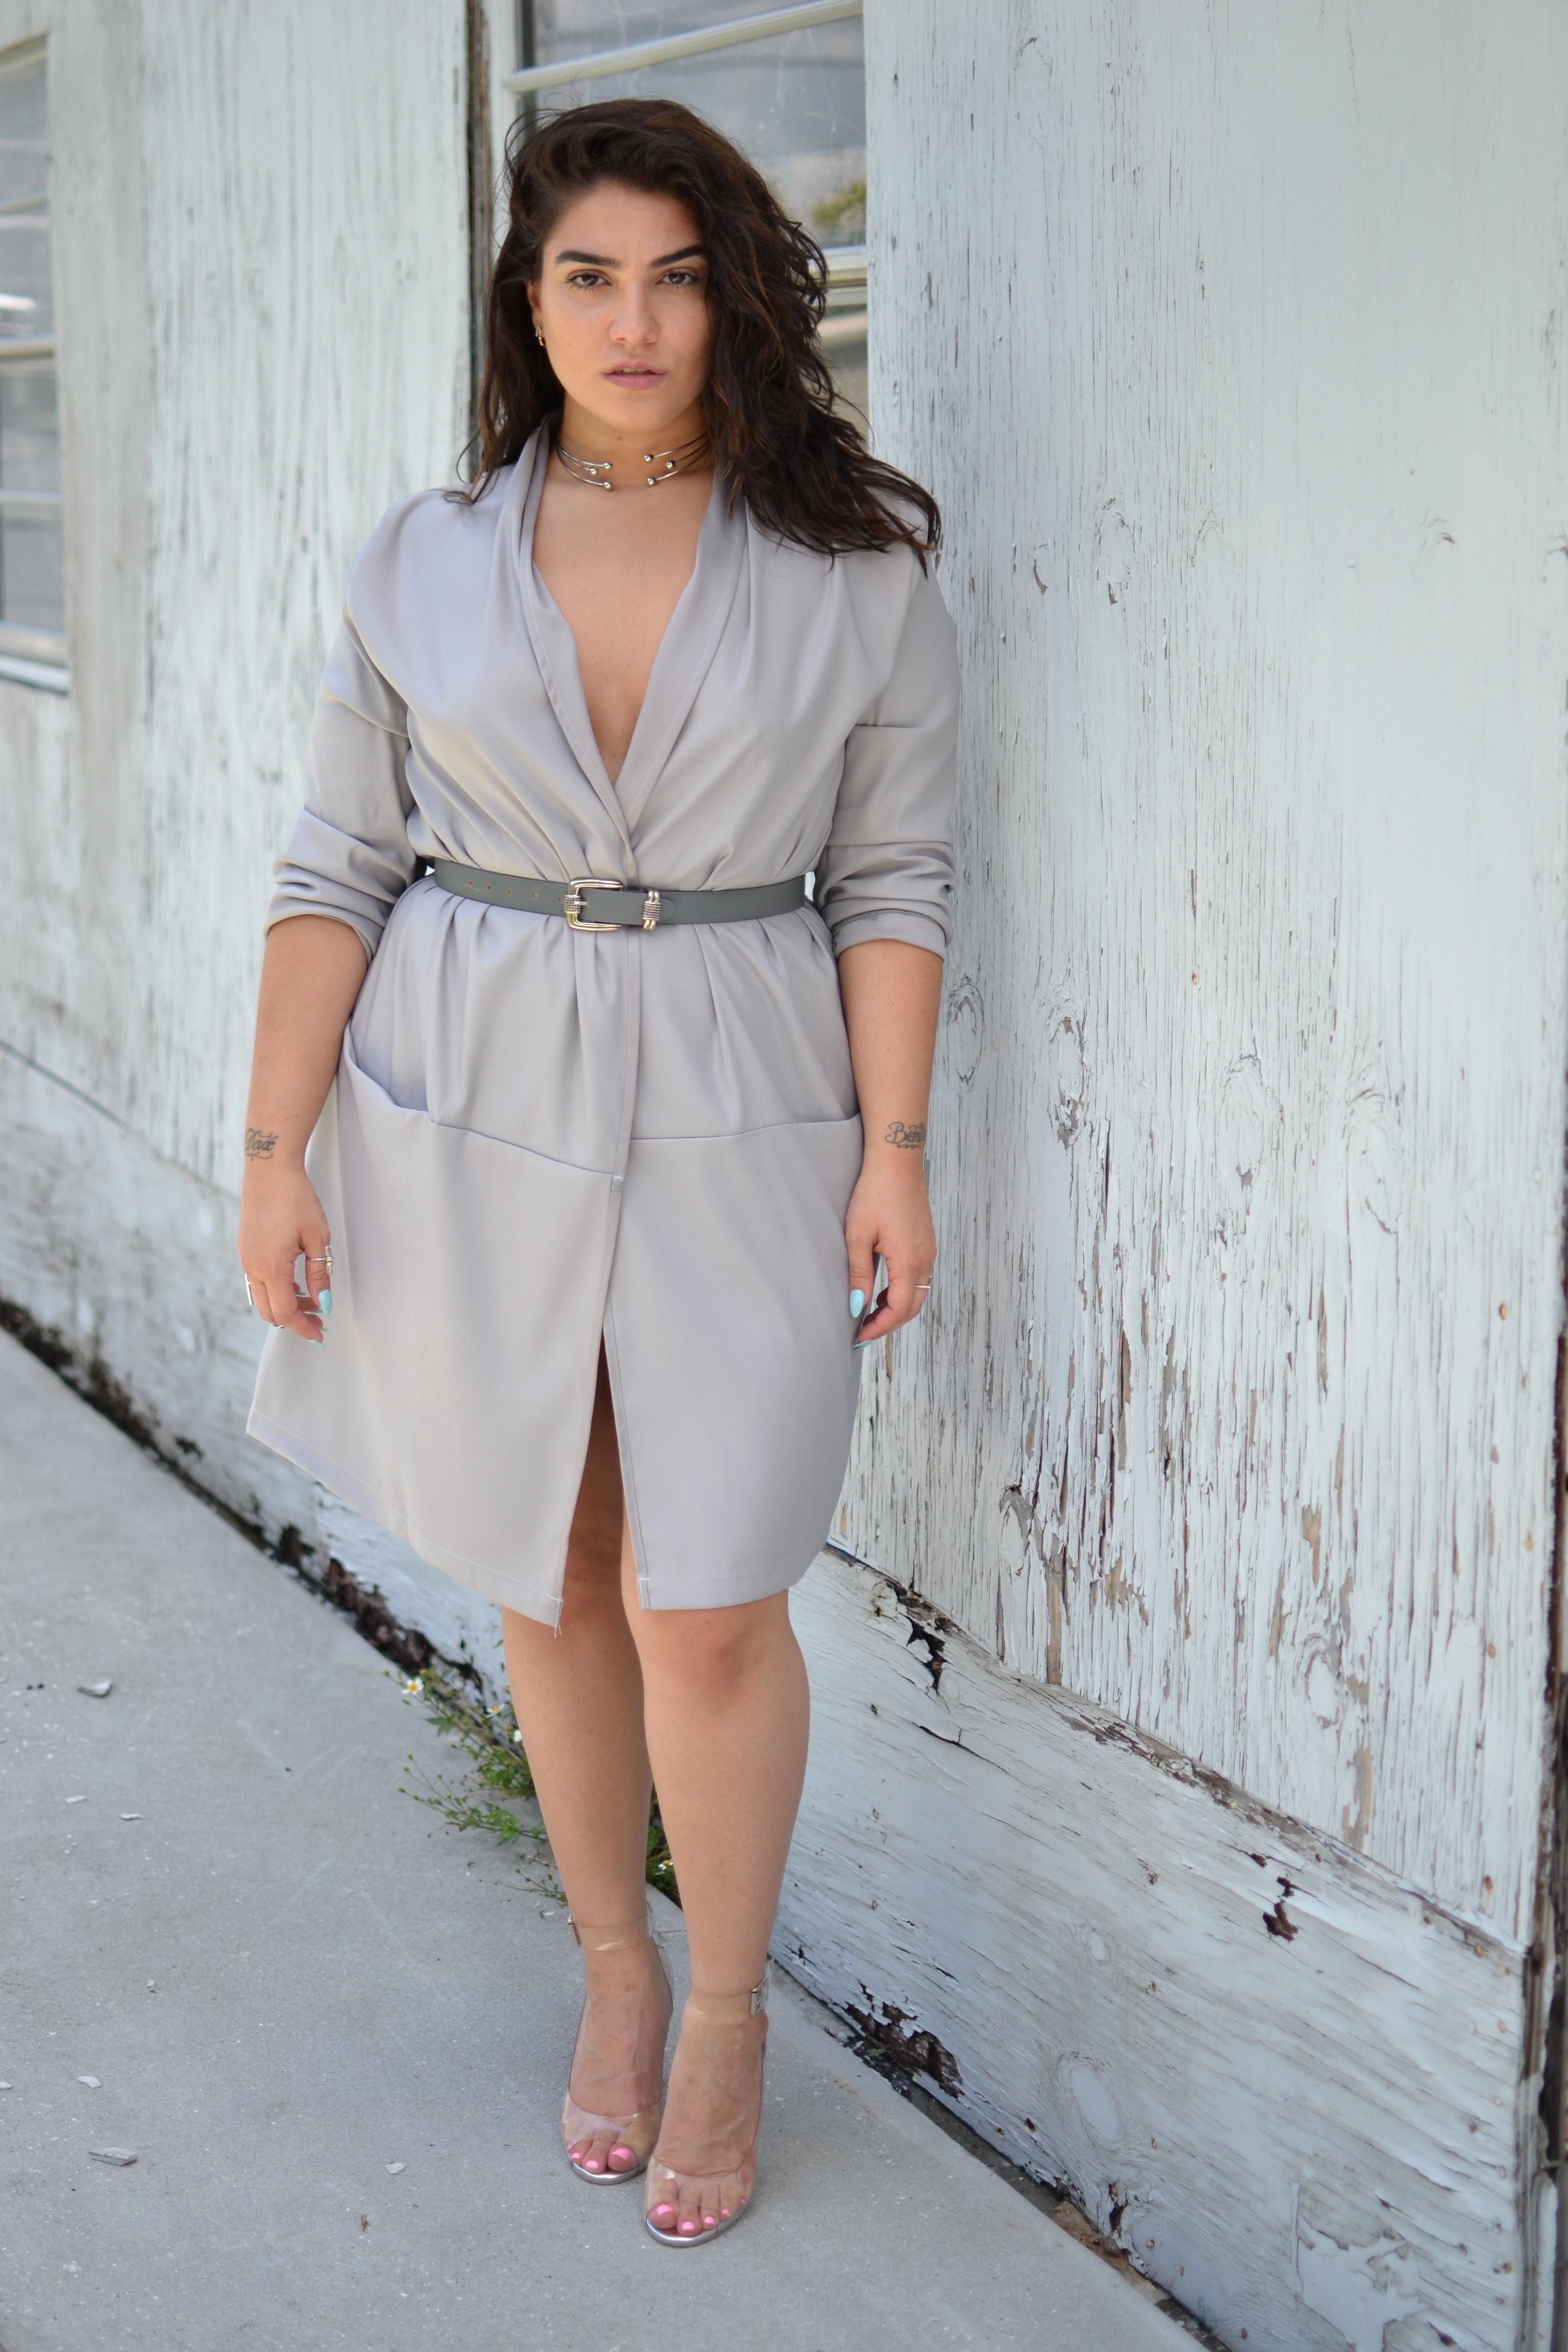 Nadia Aboulhosn a modellkedés mellett saját plus size márkát is indított